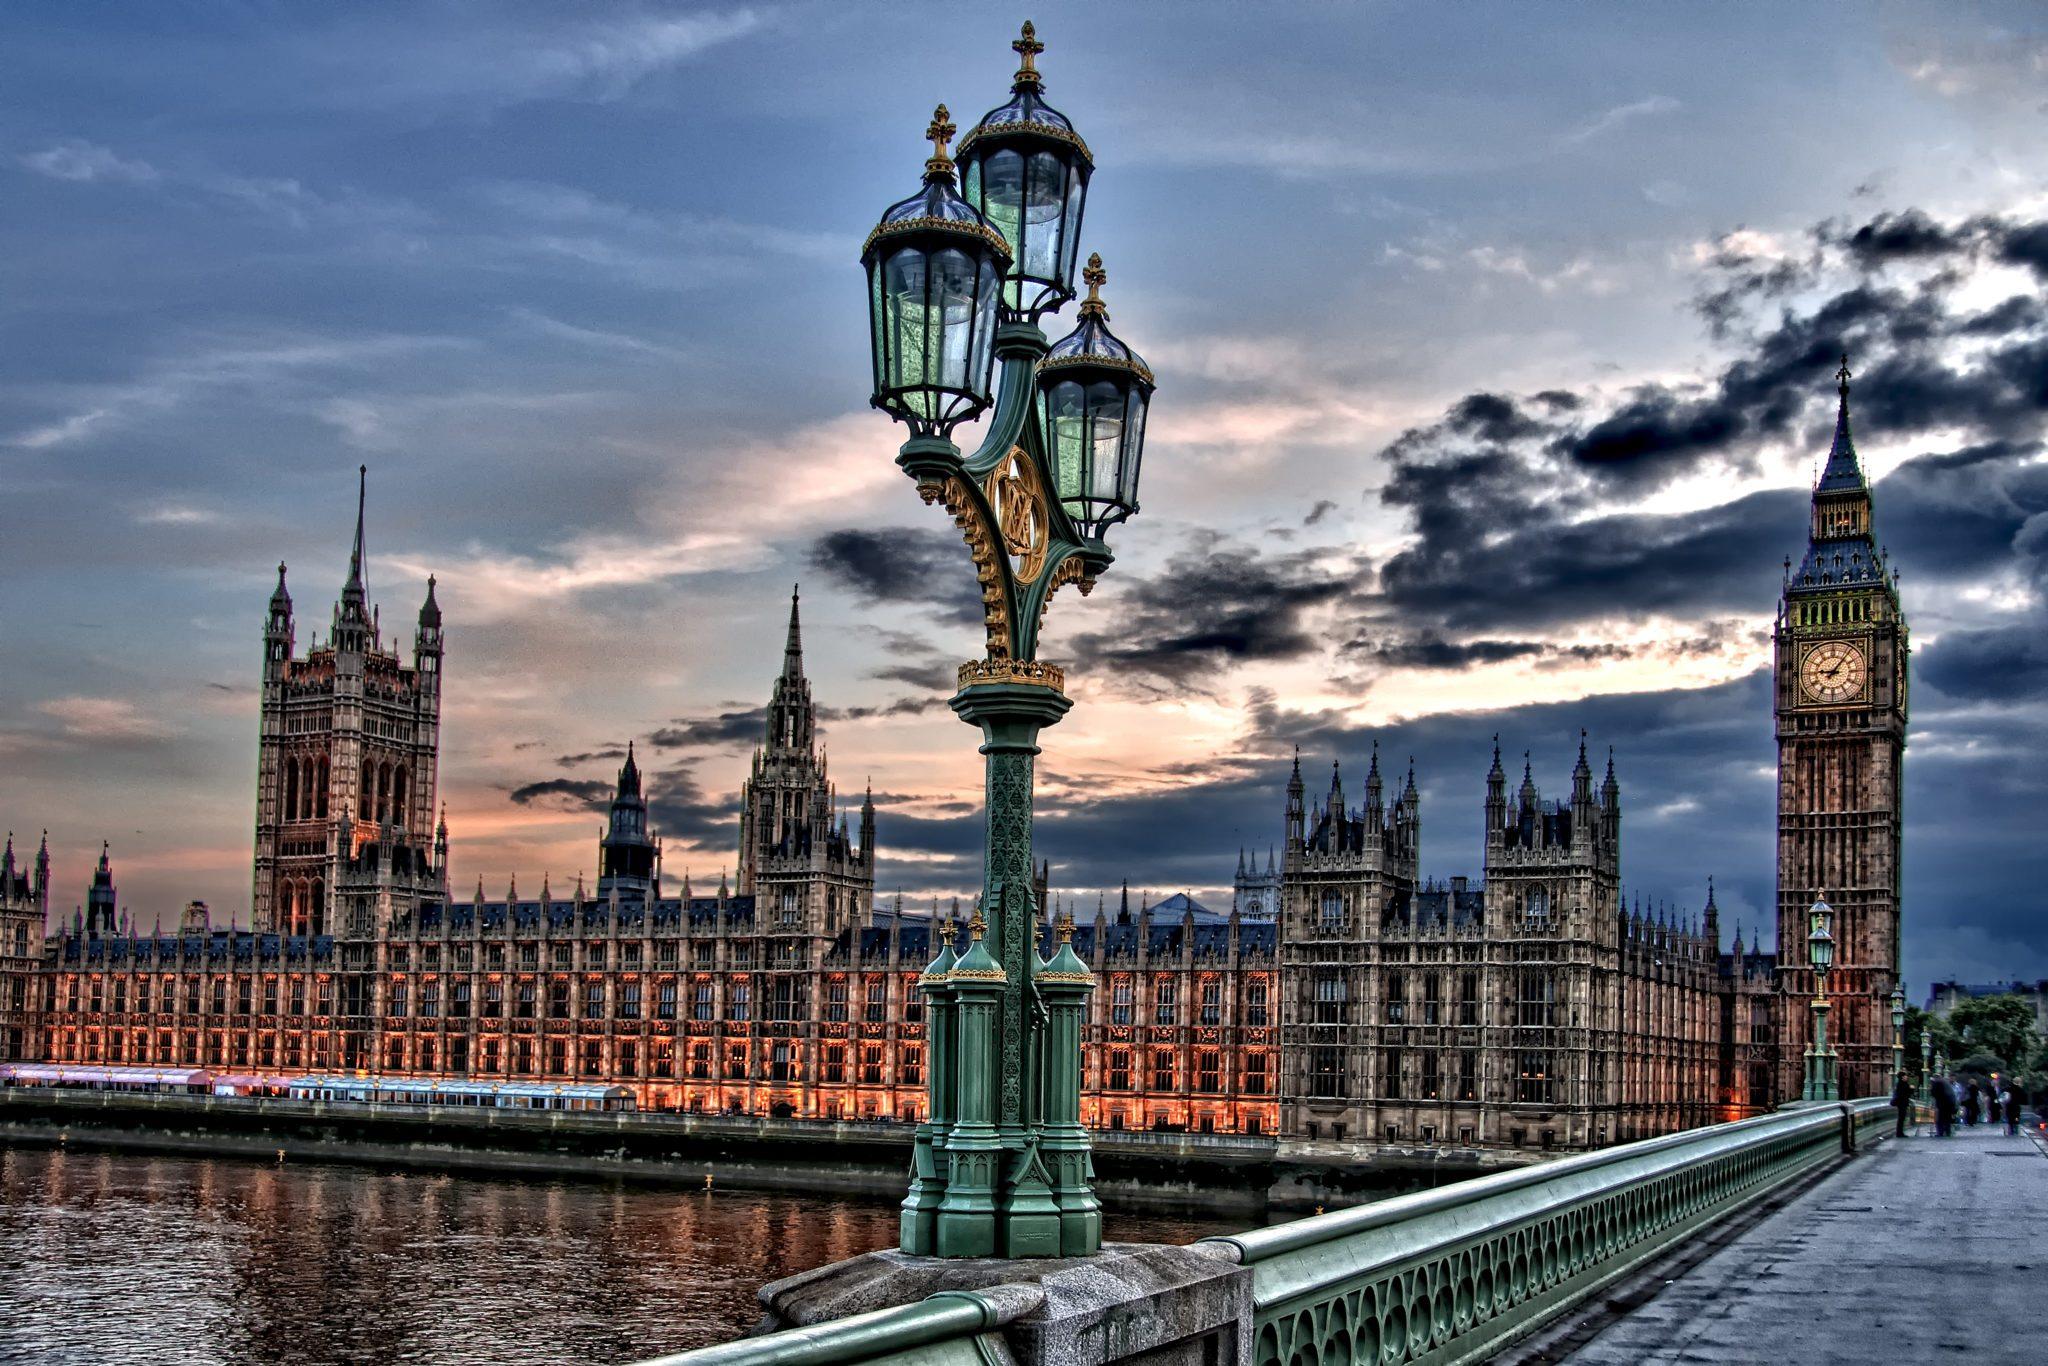 картинки лондона обои пяти ярусные